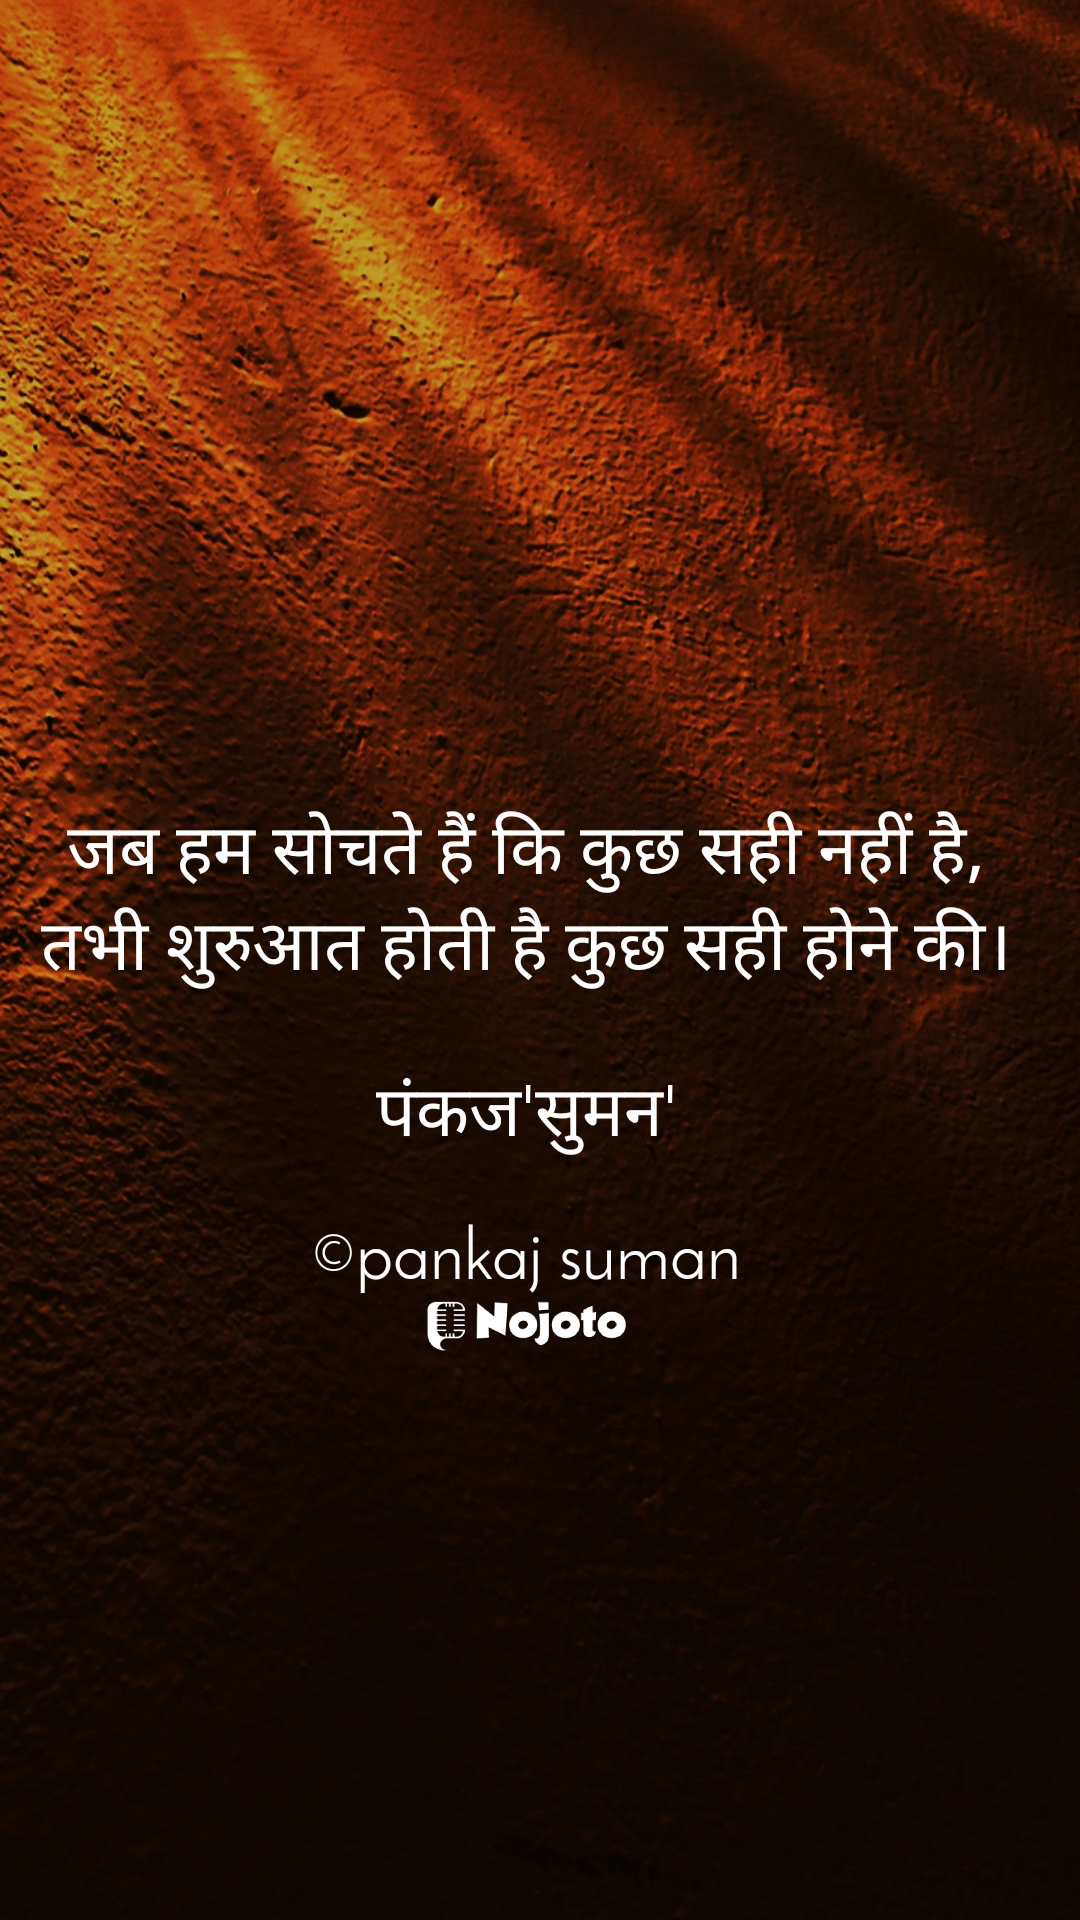 जब हम सोचते हैं कि कुछ सही नहीं है, तभी शुरुआत होती है कुछ सही होने की।  पंकज'सुमन'  ©pankaj suman